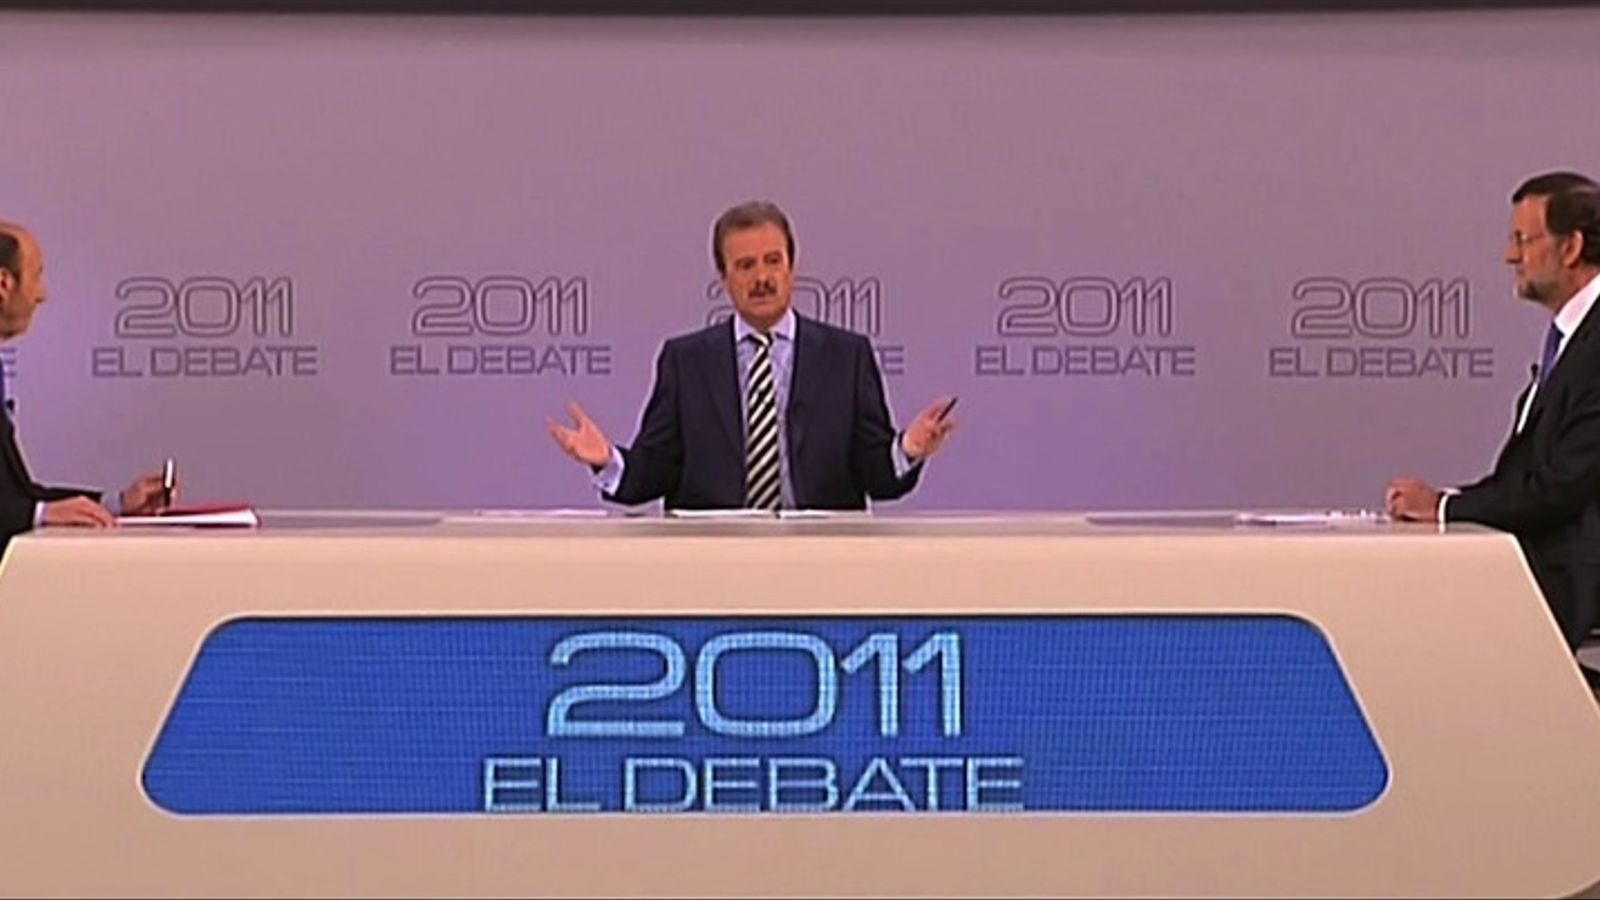 Rubalcaba i Rajoy, asseguts a la taula del cara a cara / REUTERS